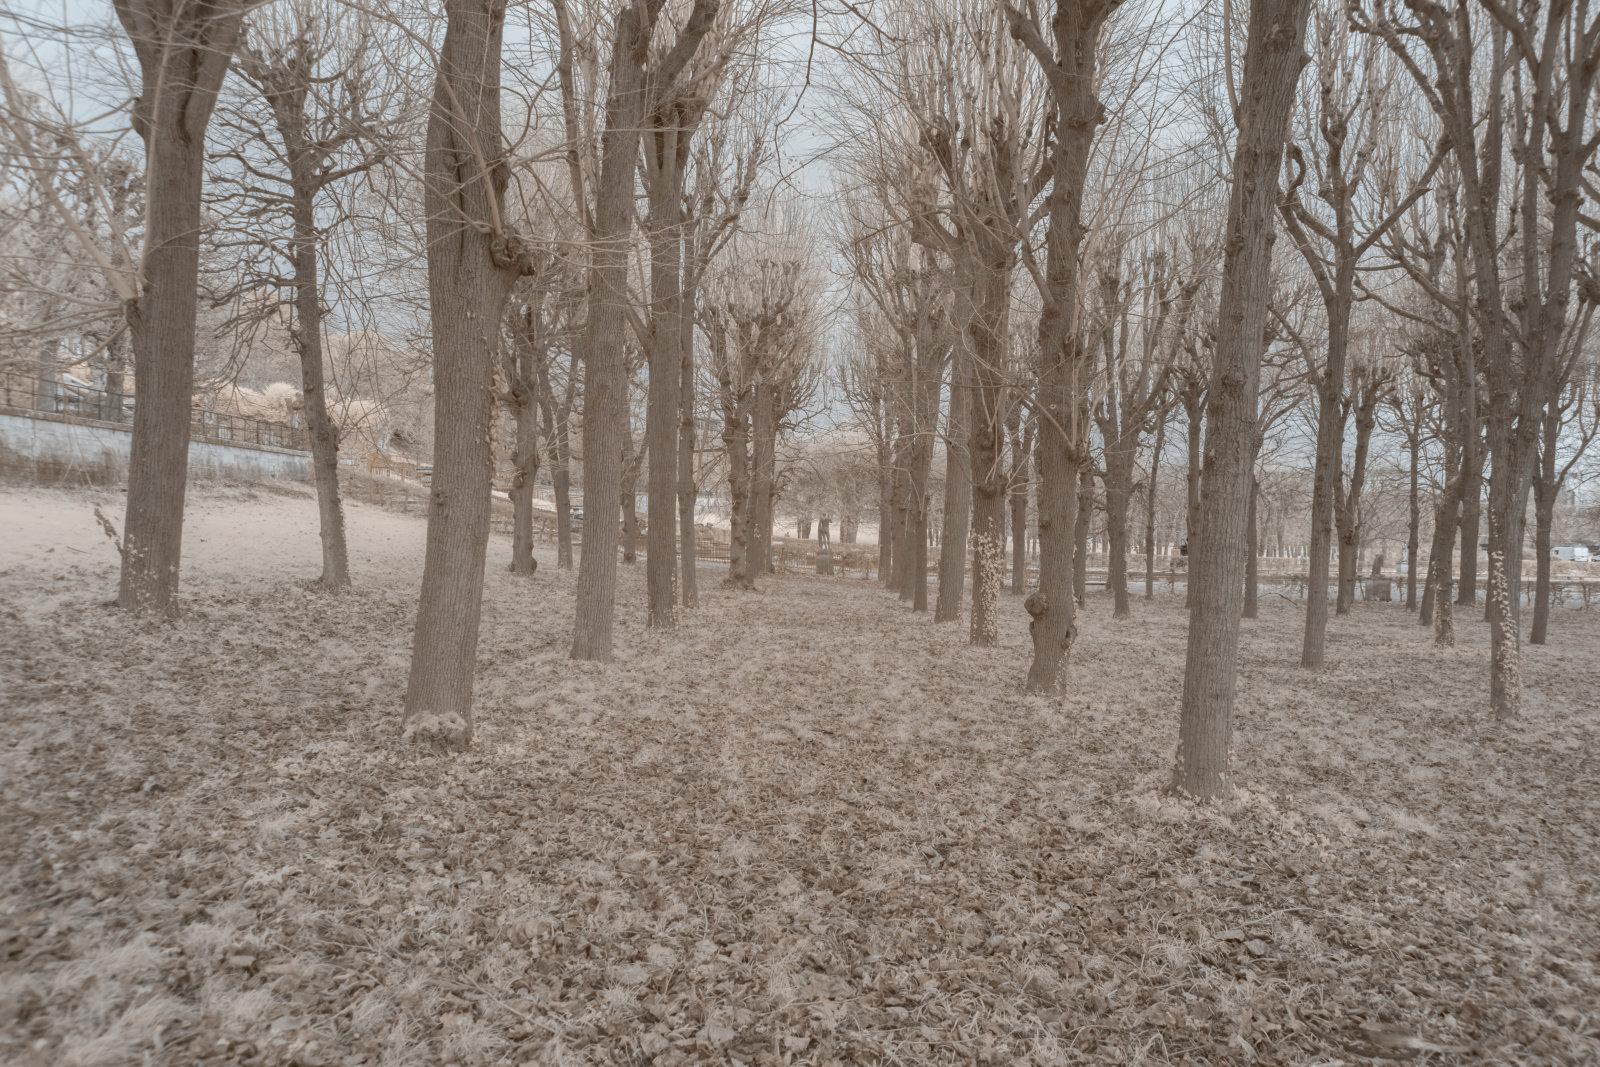 DETAILS 2 24mm F5.6 CANON | Pierre-Louis Ferrer | Test du SIGMA 24mm F/1.4 DG HSM Art en photographie infrarouge | Partie 1